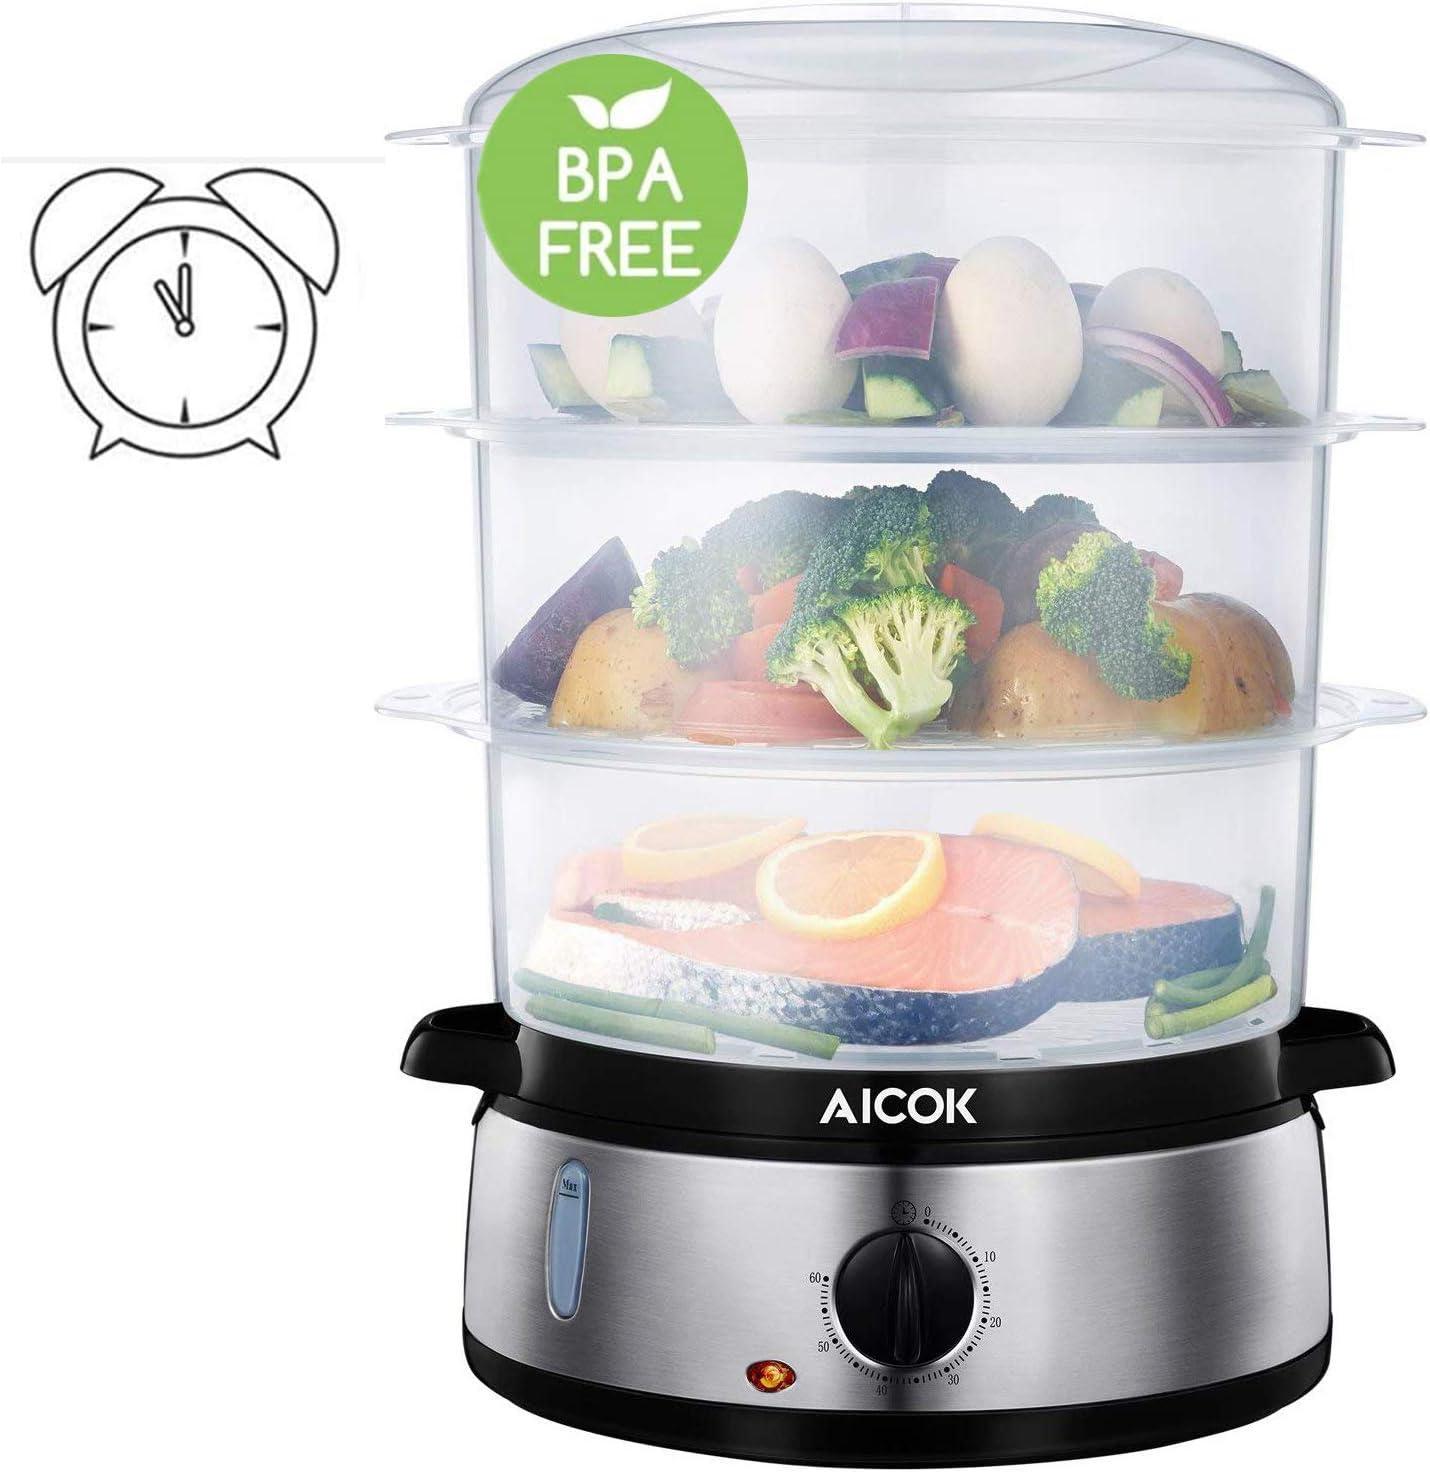 Best electric food steamer BPA free